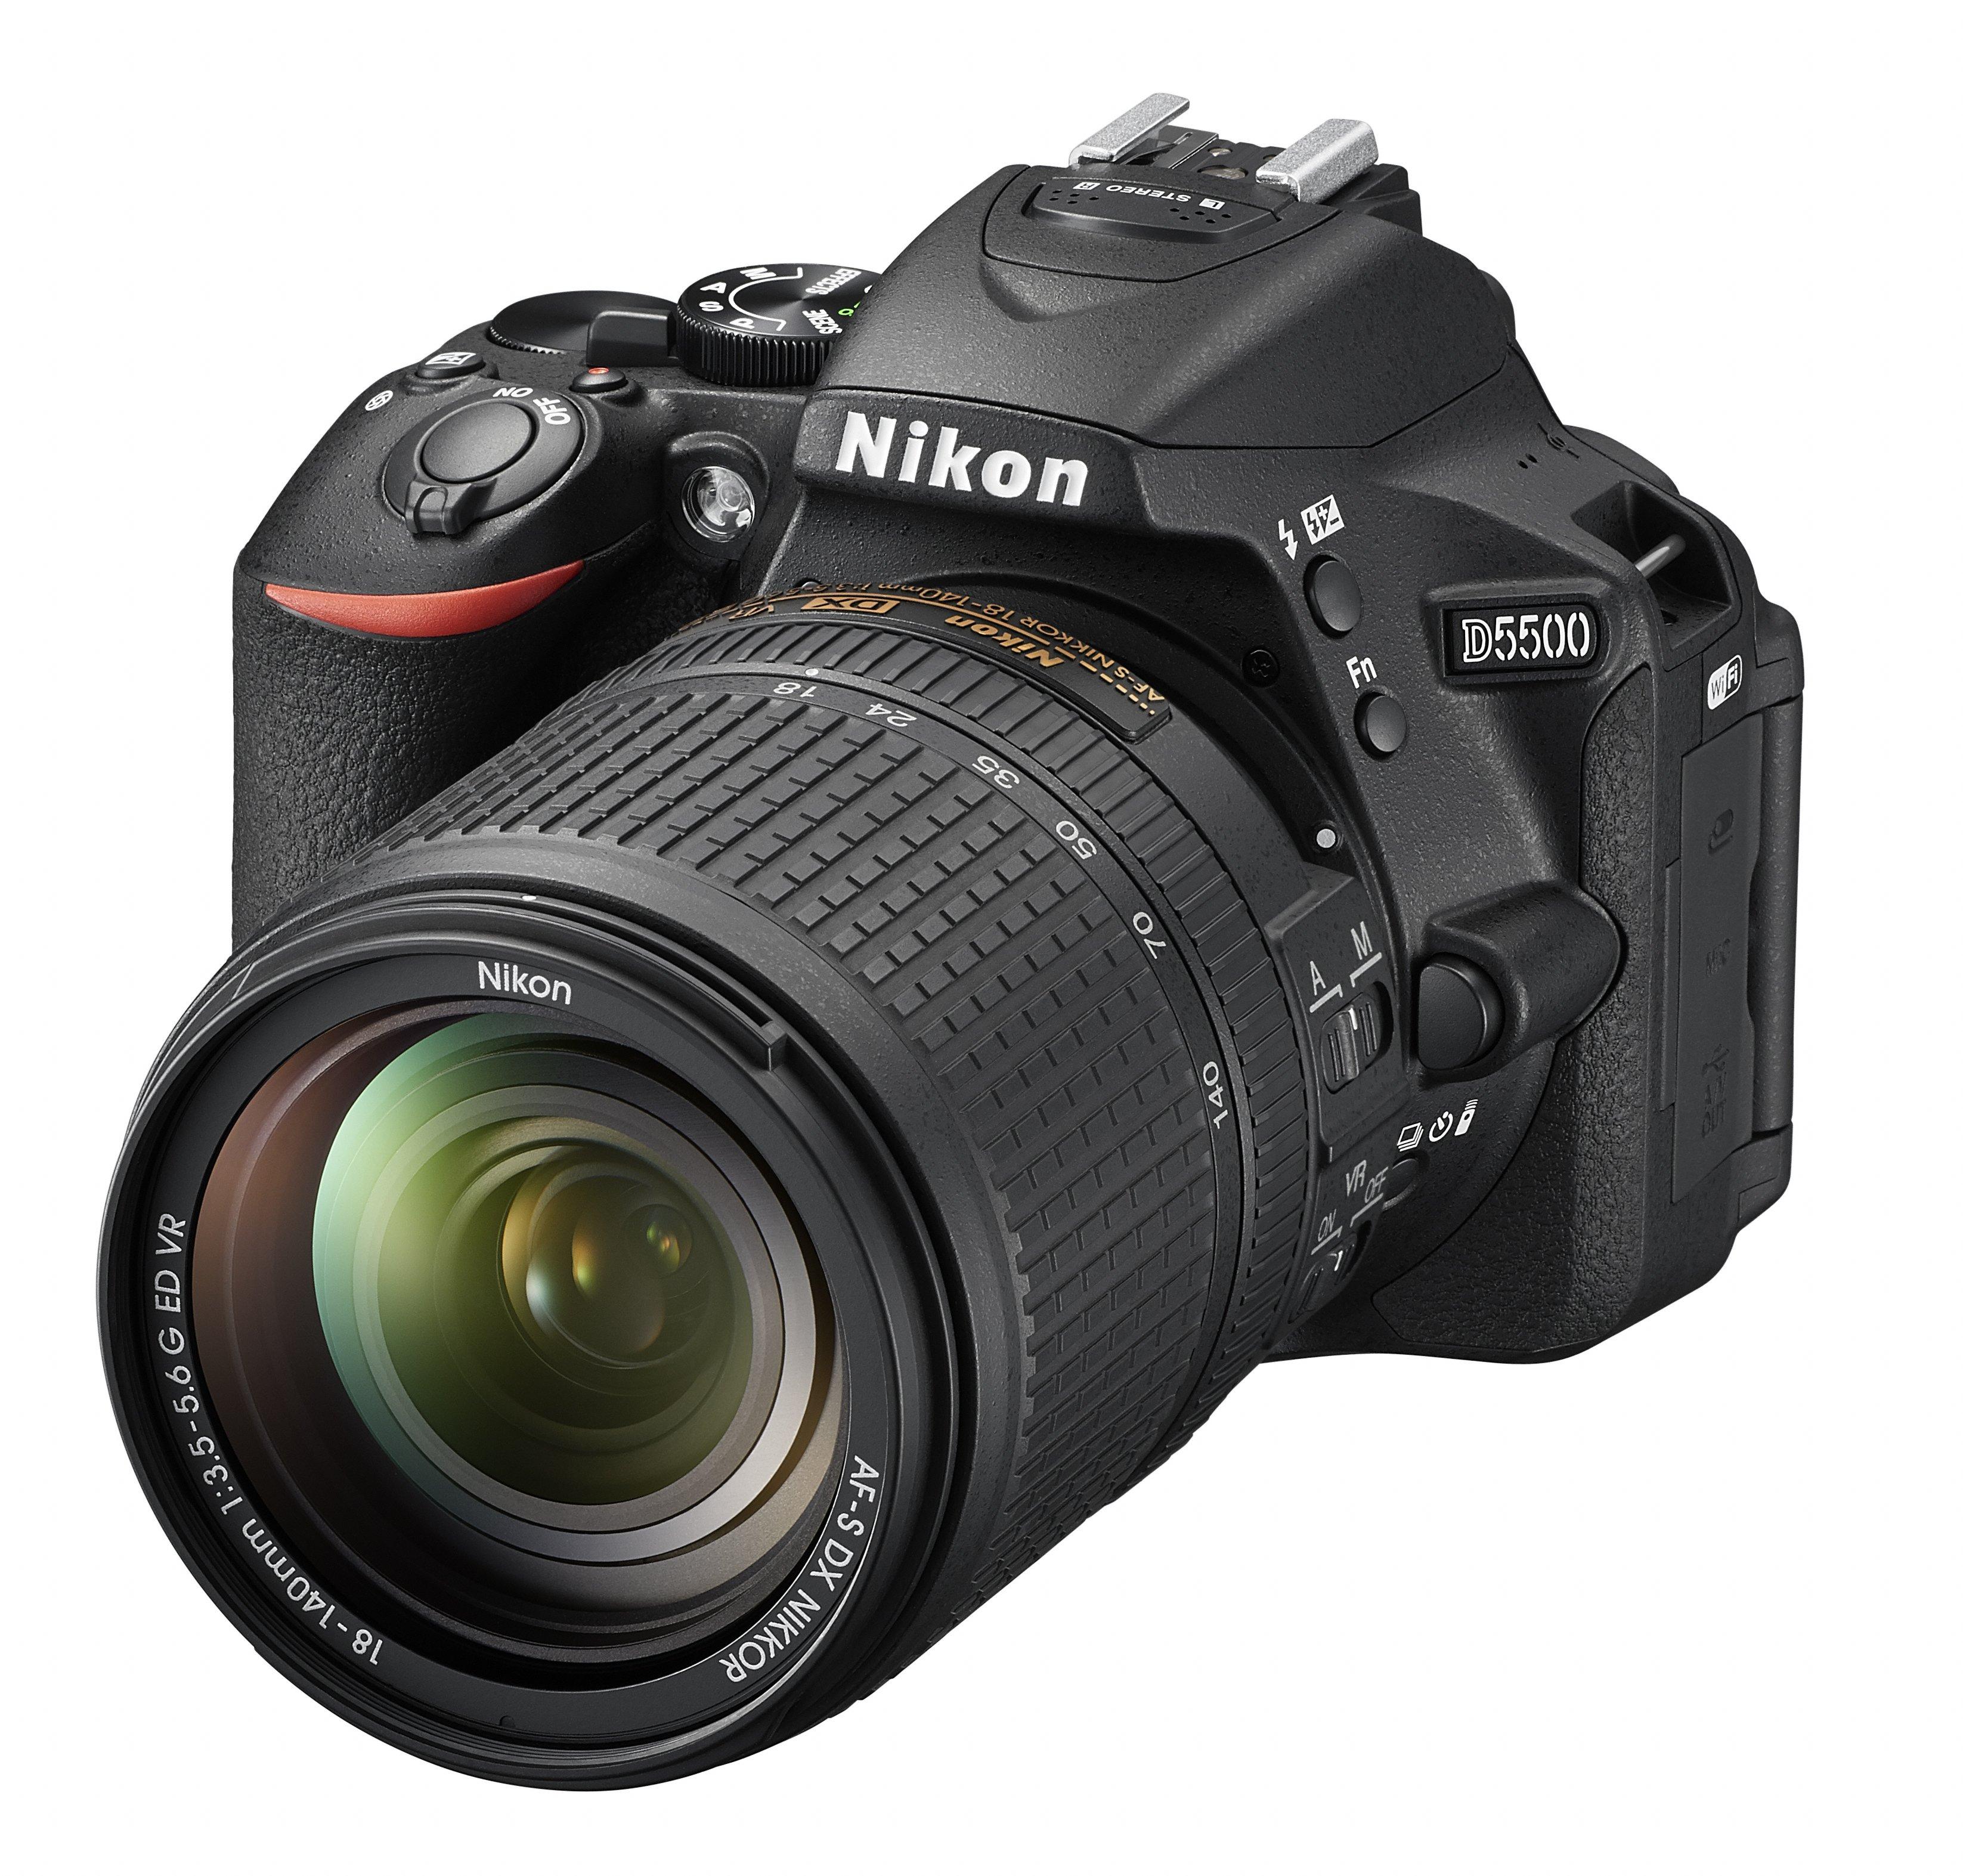 A Nikon D5500 újdonsága a beépített Wi-Fi.